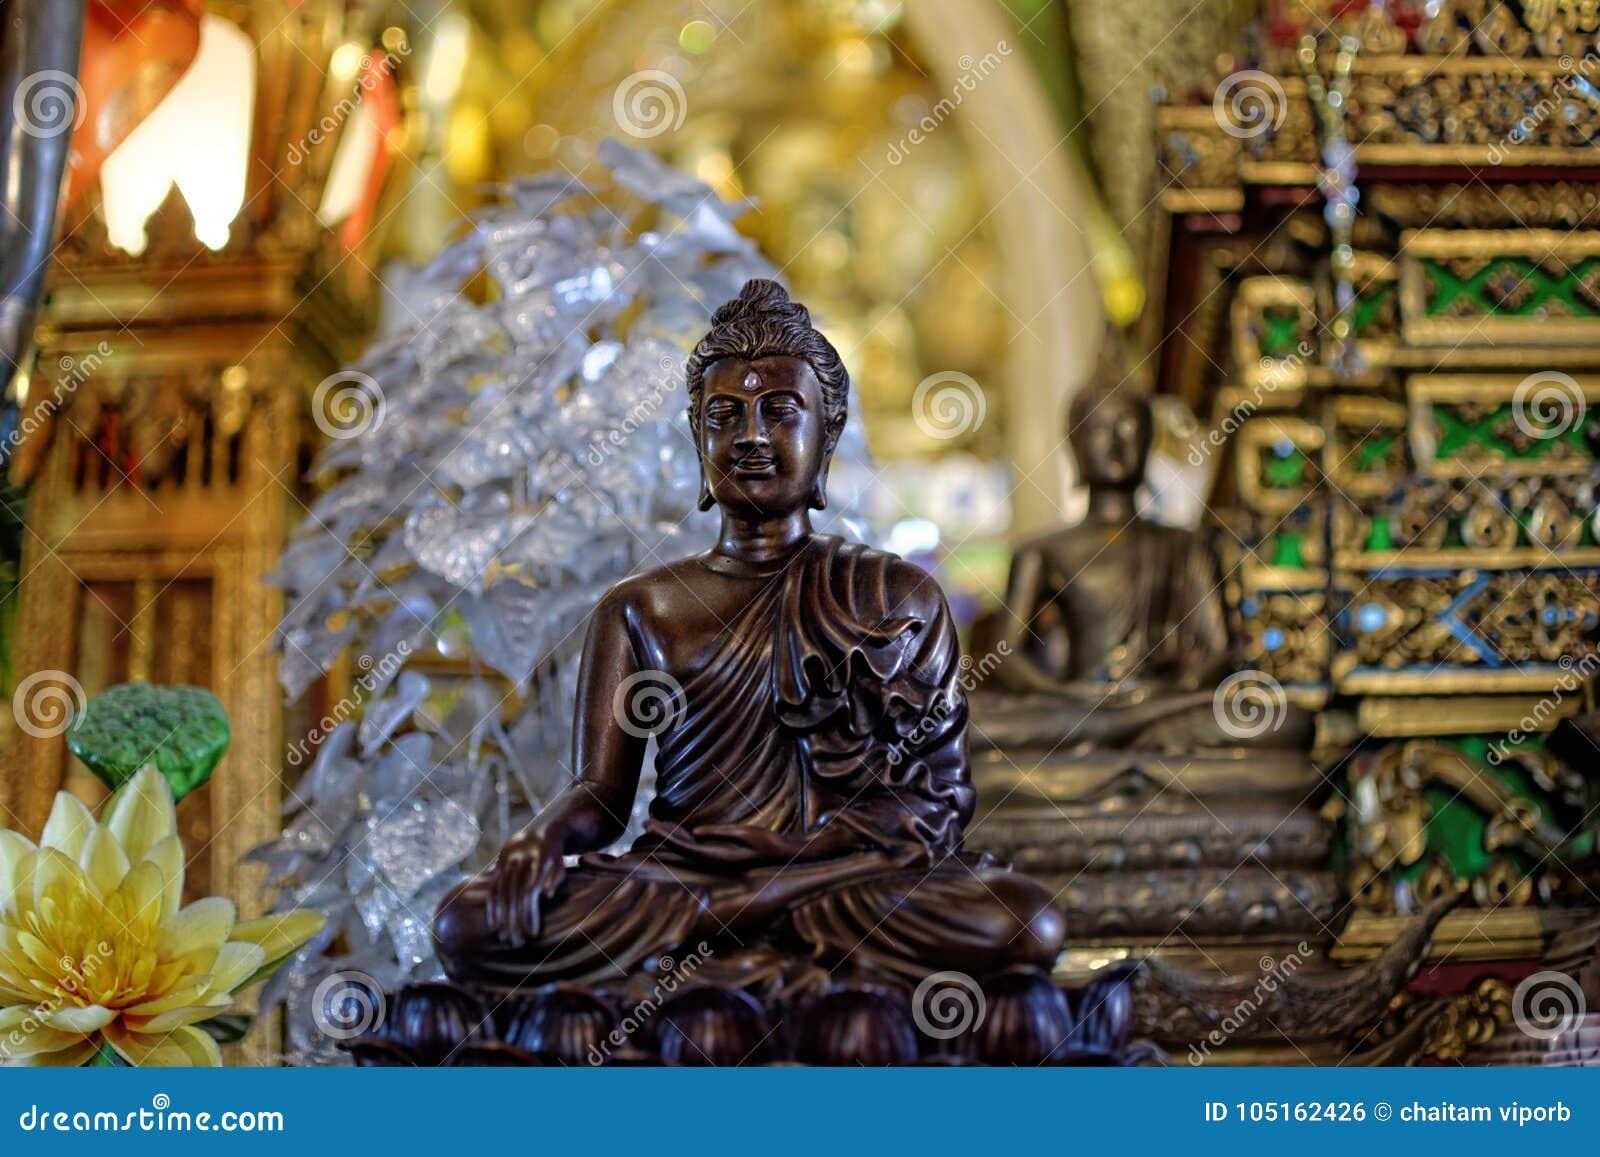 La statue de Bouddha : Foi dans la religion